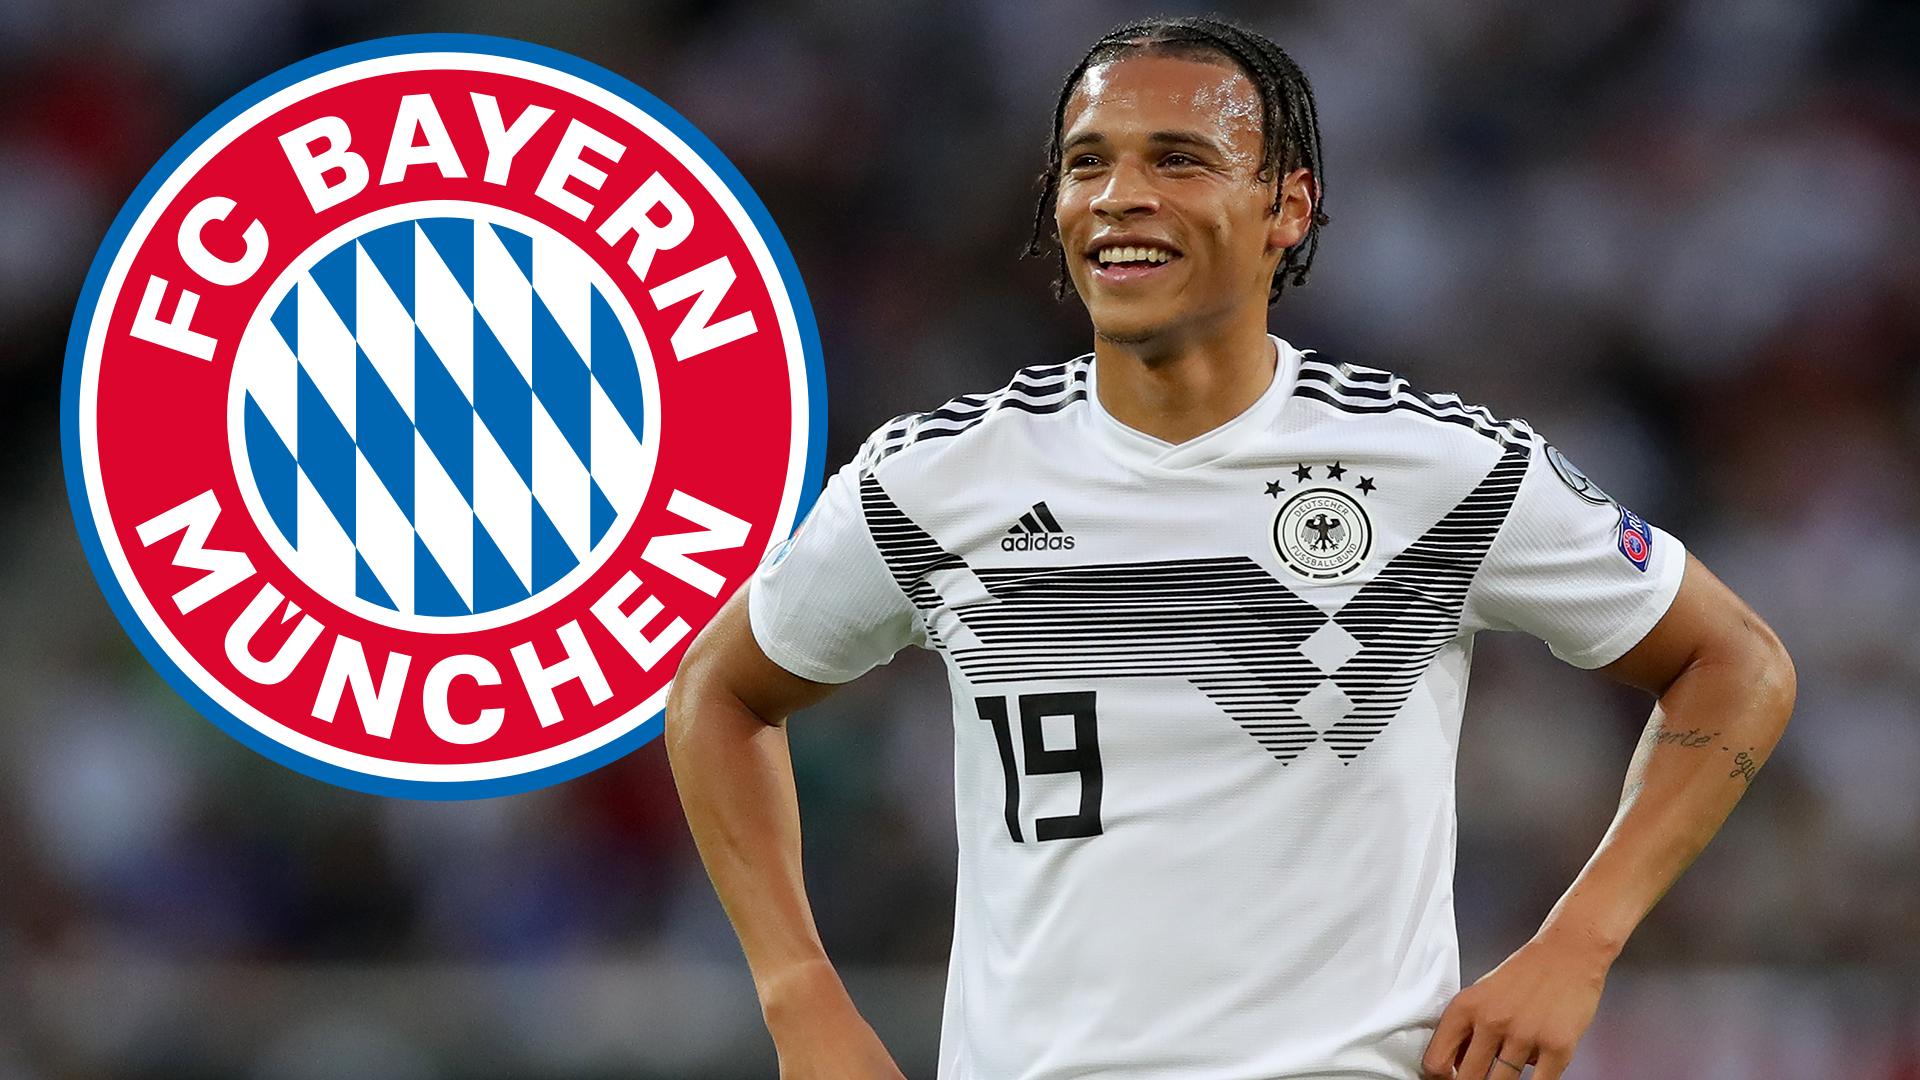 Bayern Sane